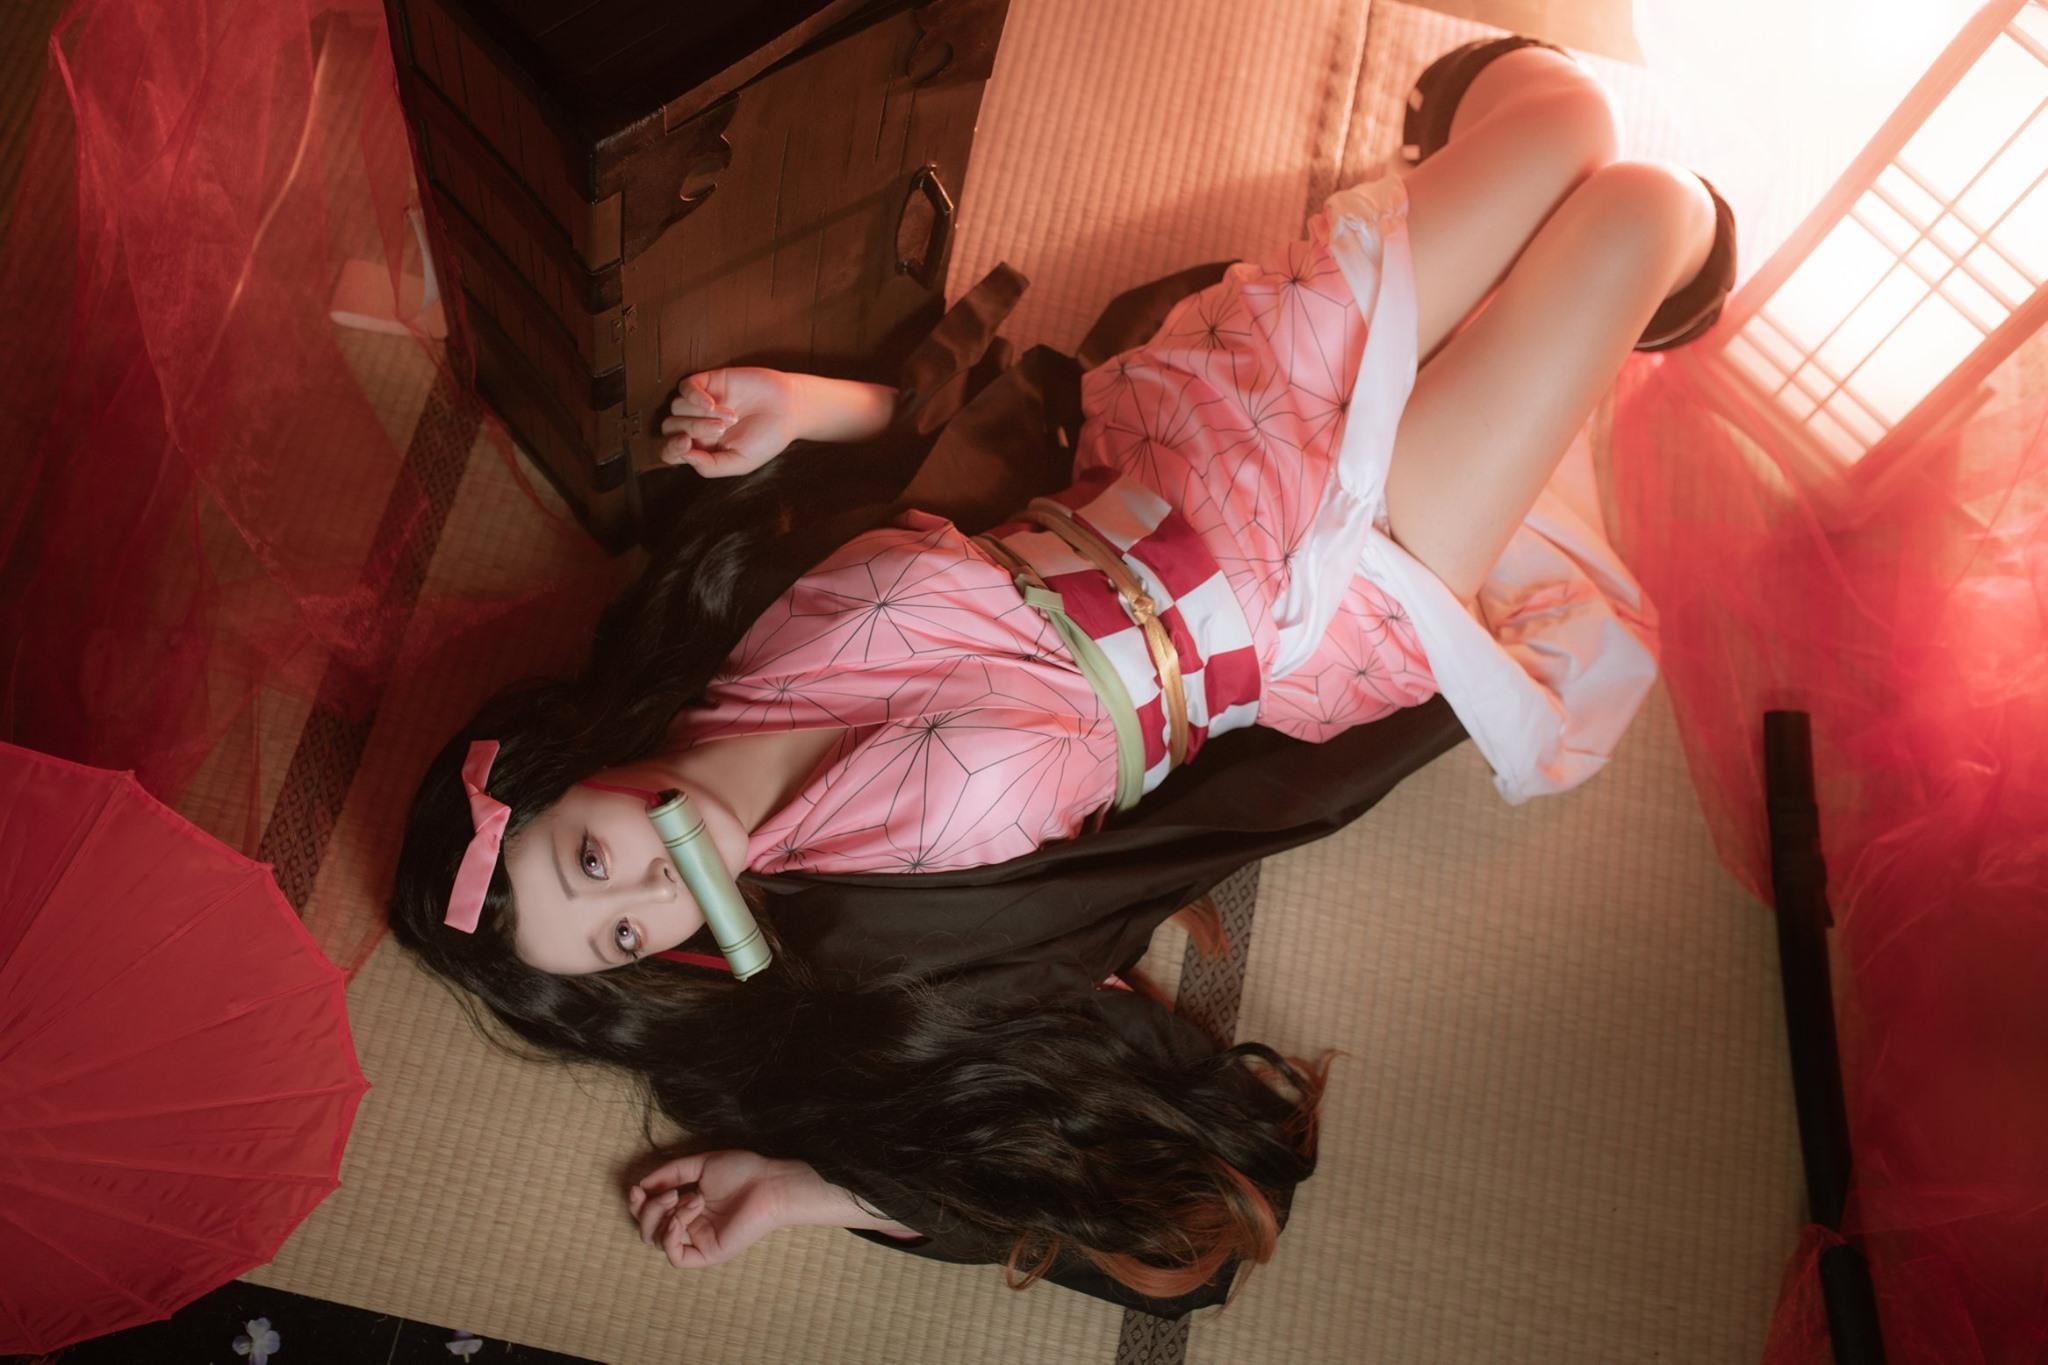 Kimetsu no Yaiba 3112019 3